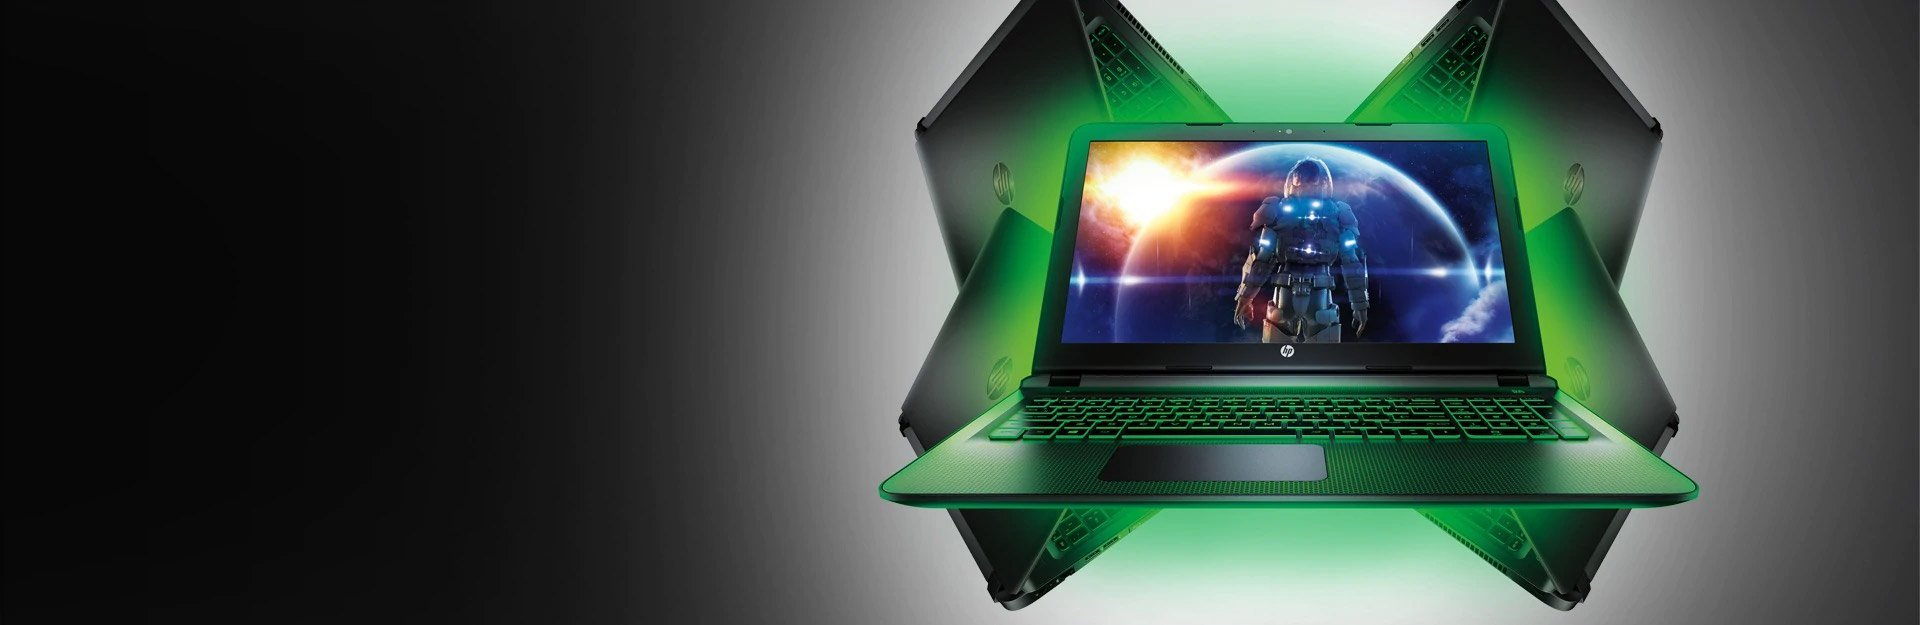 Nunca dejes de jugar con HP pavilion Gaming Laptop